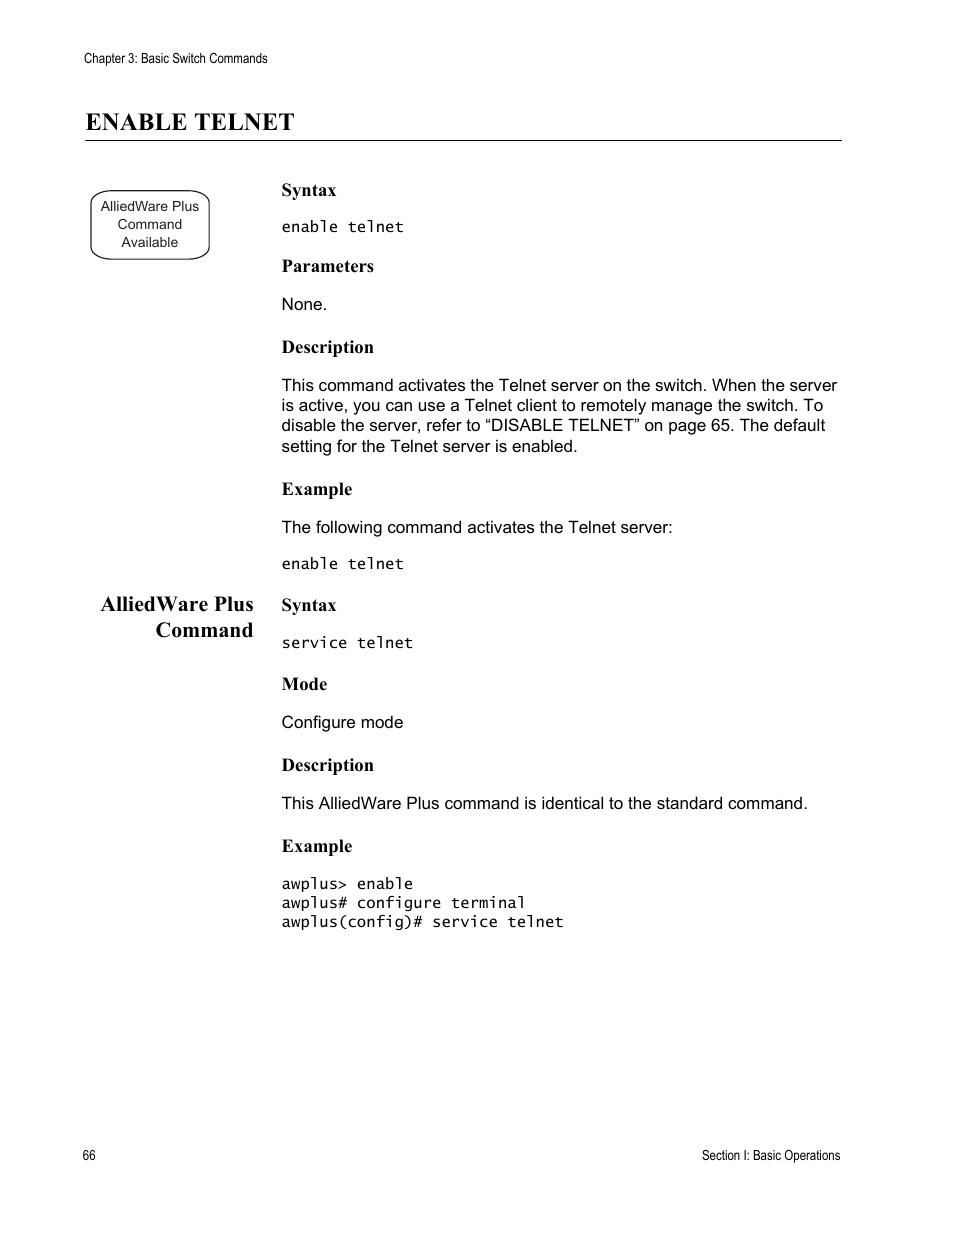 Enable telnet, Alliedware plus command | Allied Telesis AT